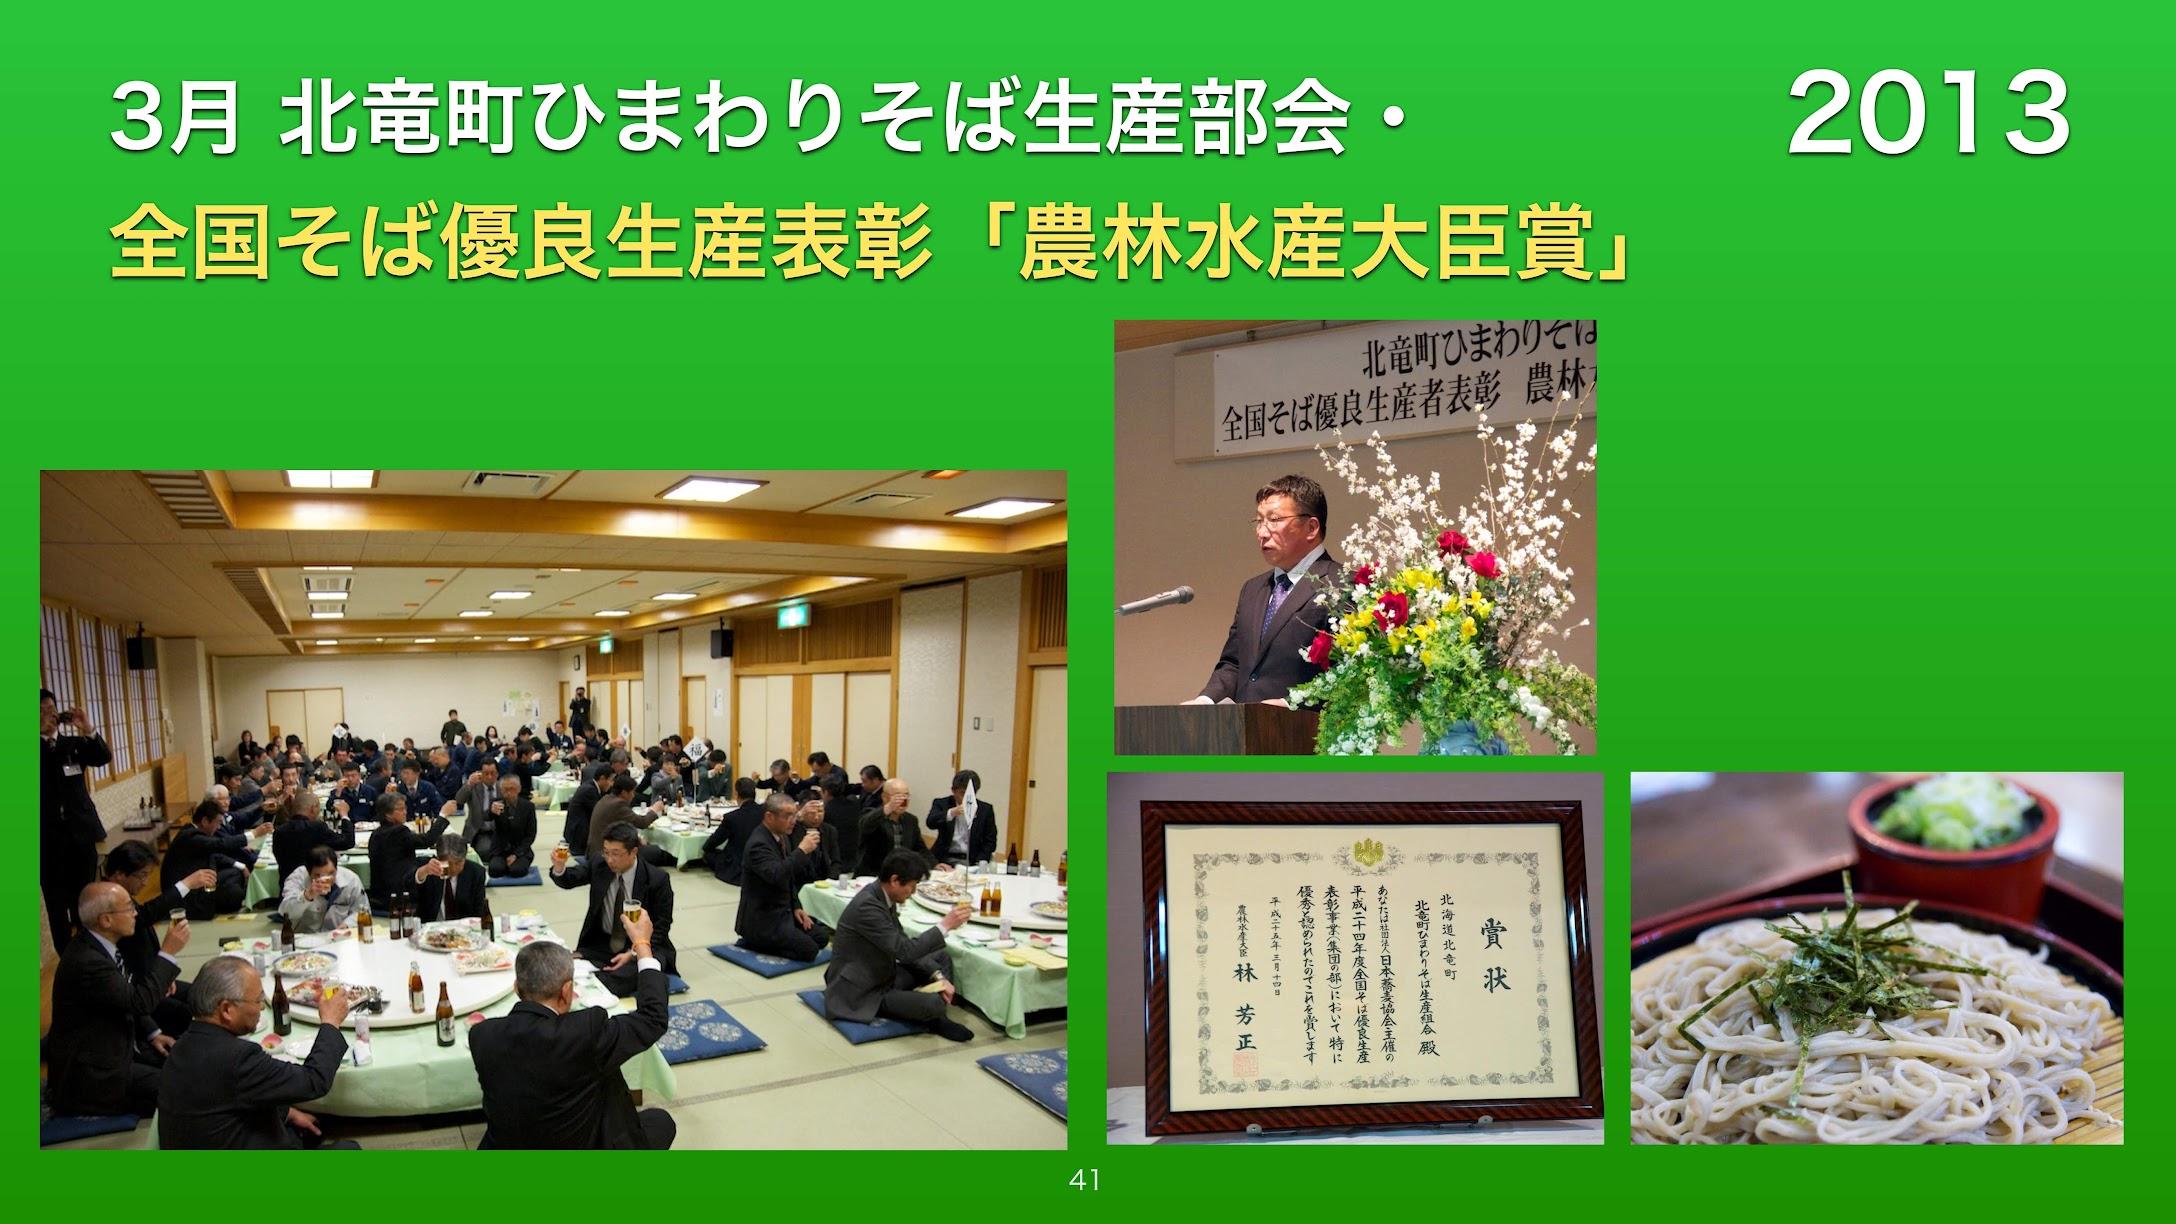 3月:北竜町ひまわりそば生産部会 全国そば優良生産表彰「野林水産大臣賞